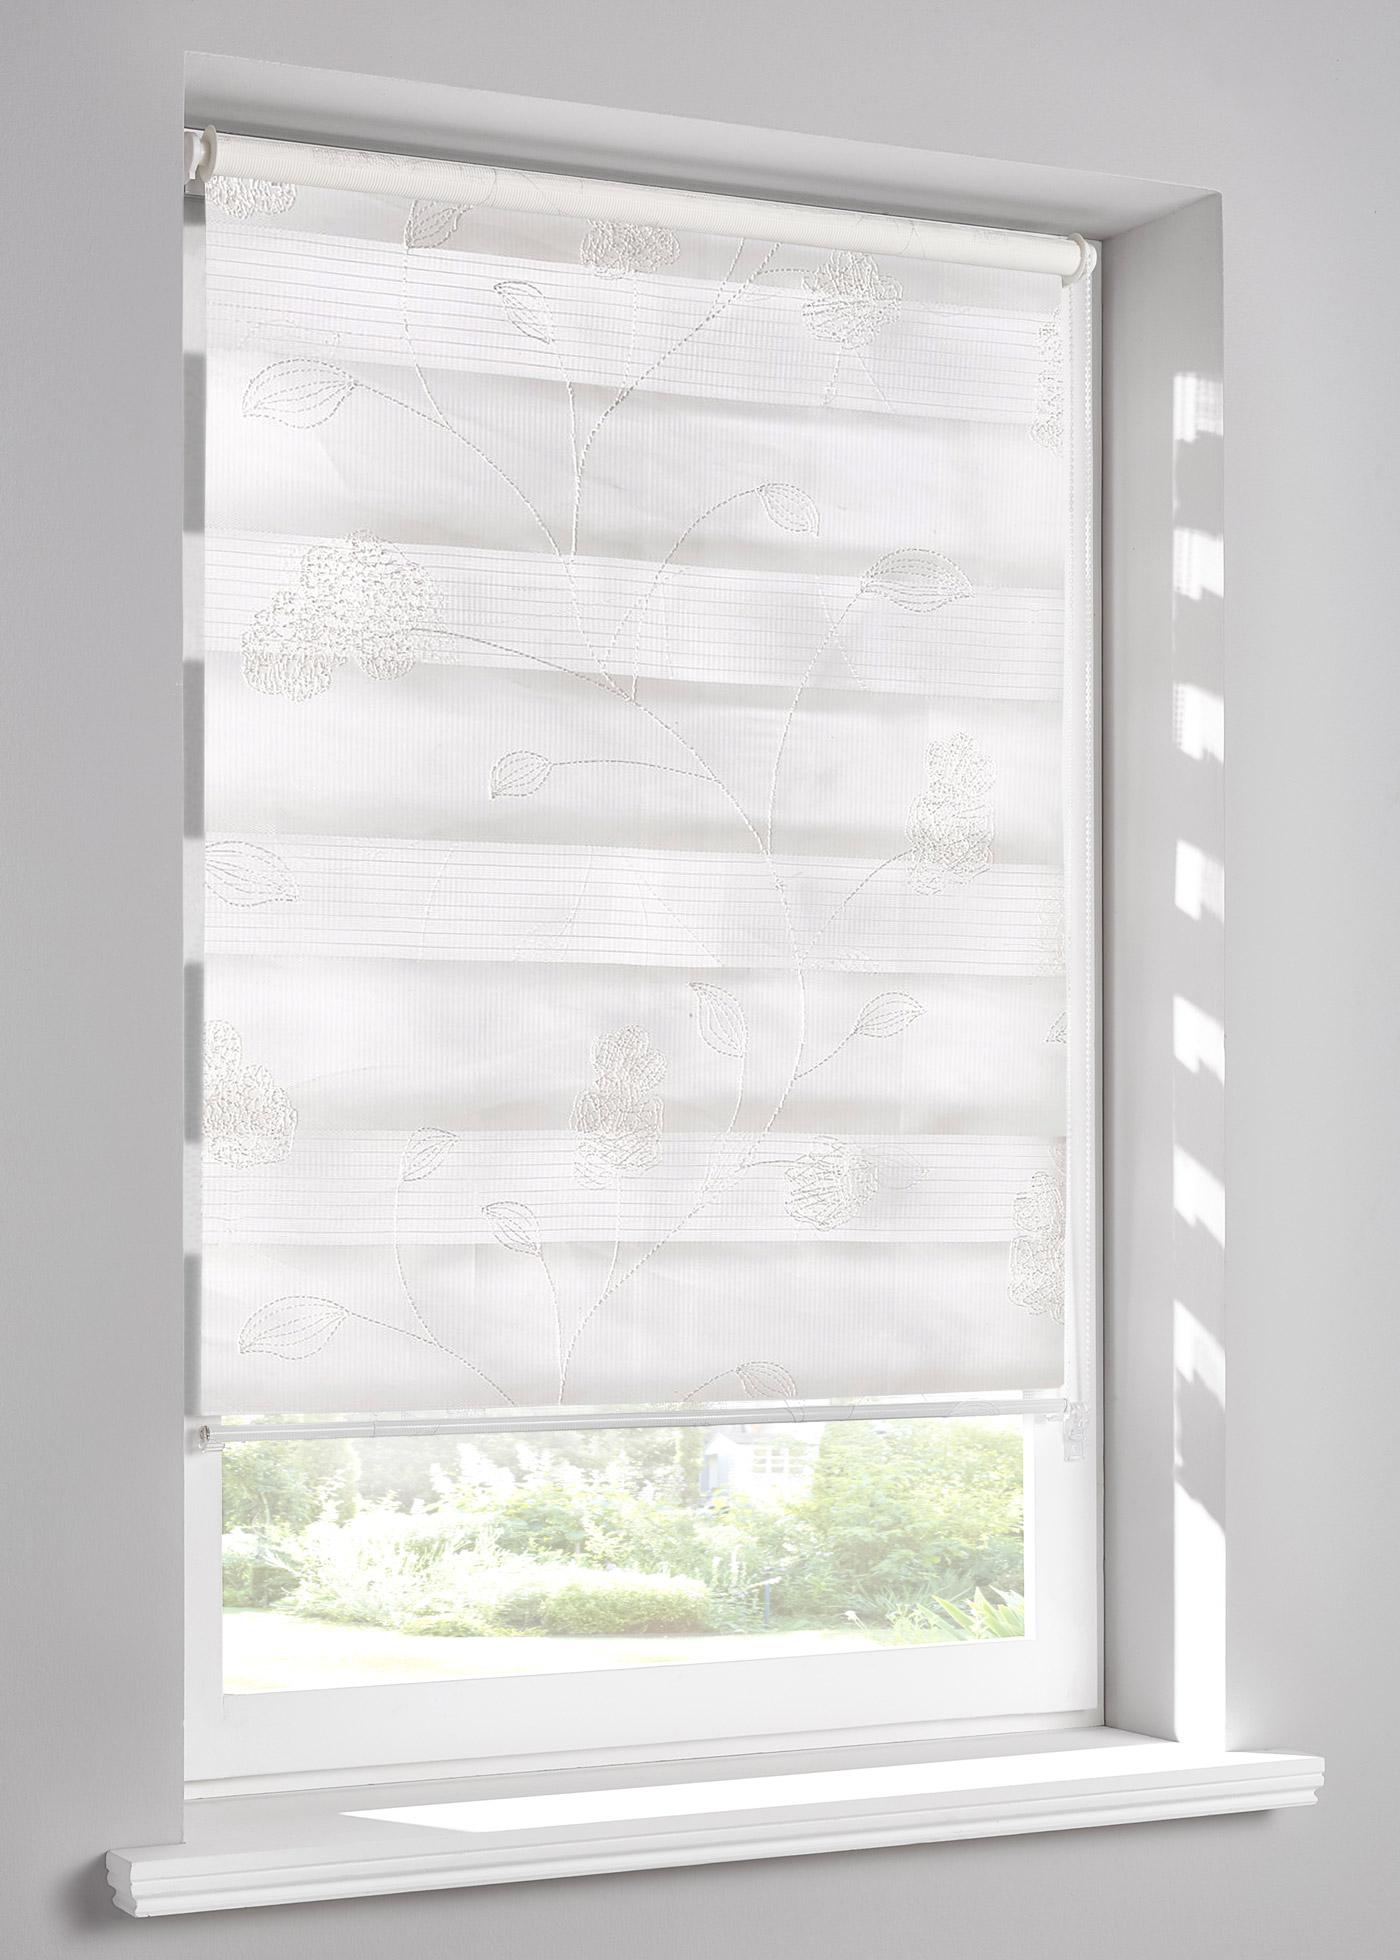 """Store double brodé, protège de la lumière sans occulter. Pose facile avec supports de fixation à clipser directement sur le cadre de fenêtre (épaisseur de châssis jusqu""""à 1,6cm), cordon sur la droite, les deux bandes de tissu se superposent ou juxtap"""